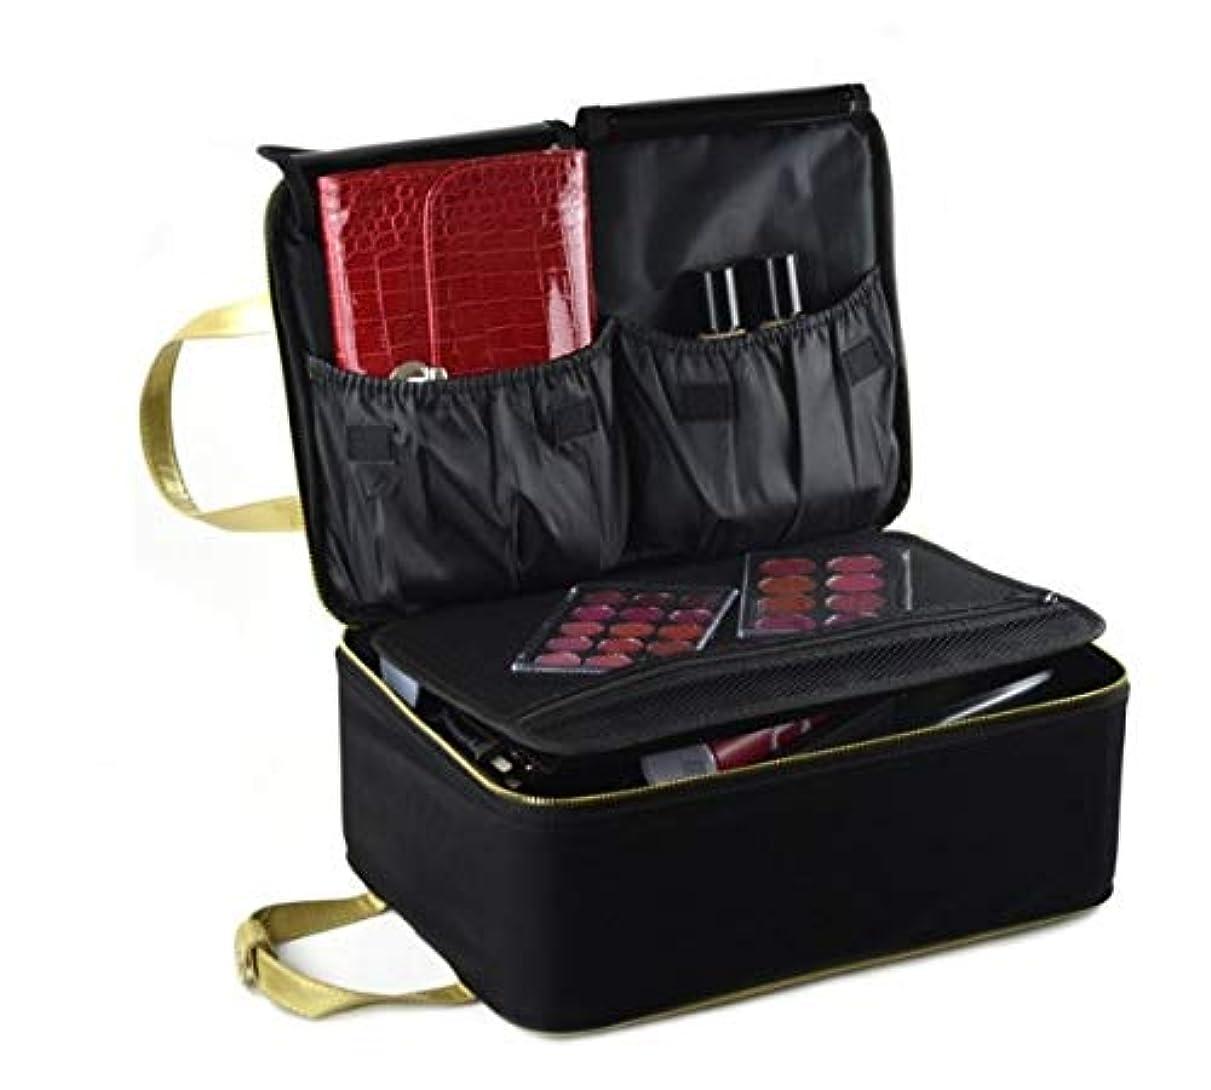 コックテロバス化粧箱、黒い携帯用化粧品の箱、携帯用旅行化粧品の箱、美の釘の宝石類の収納箱 (Size : S)